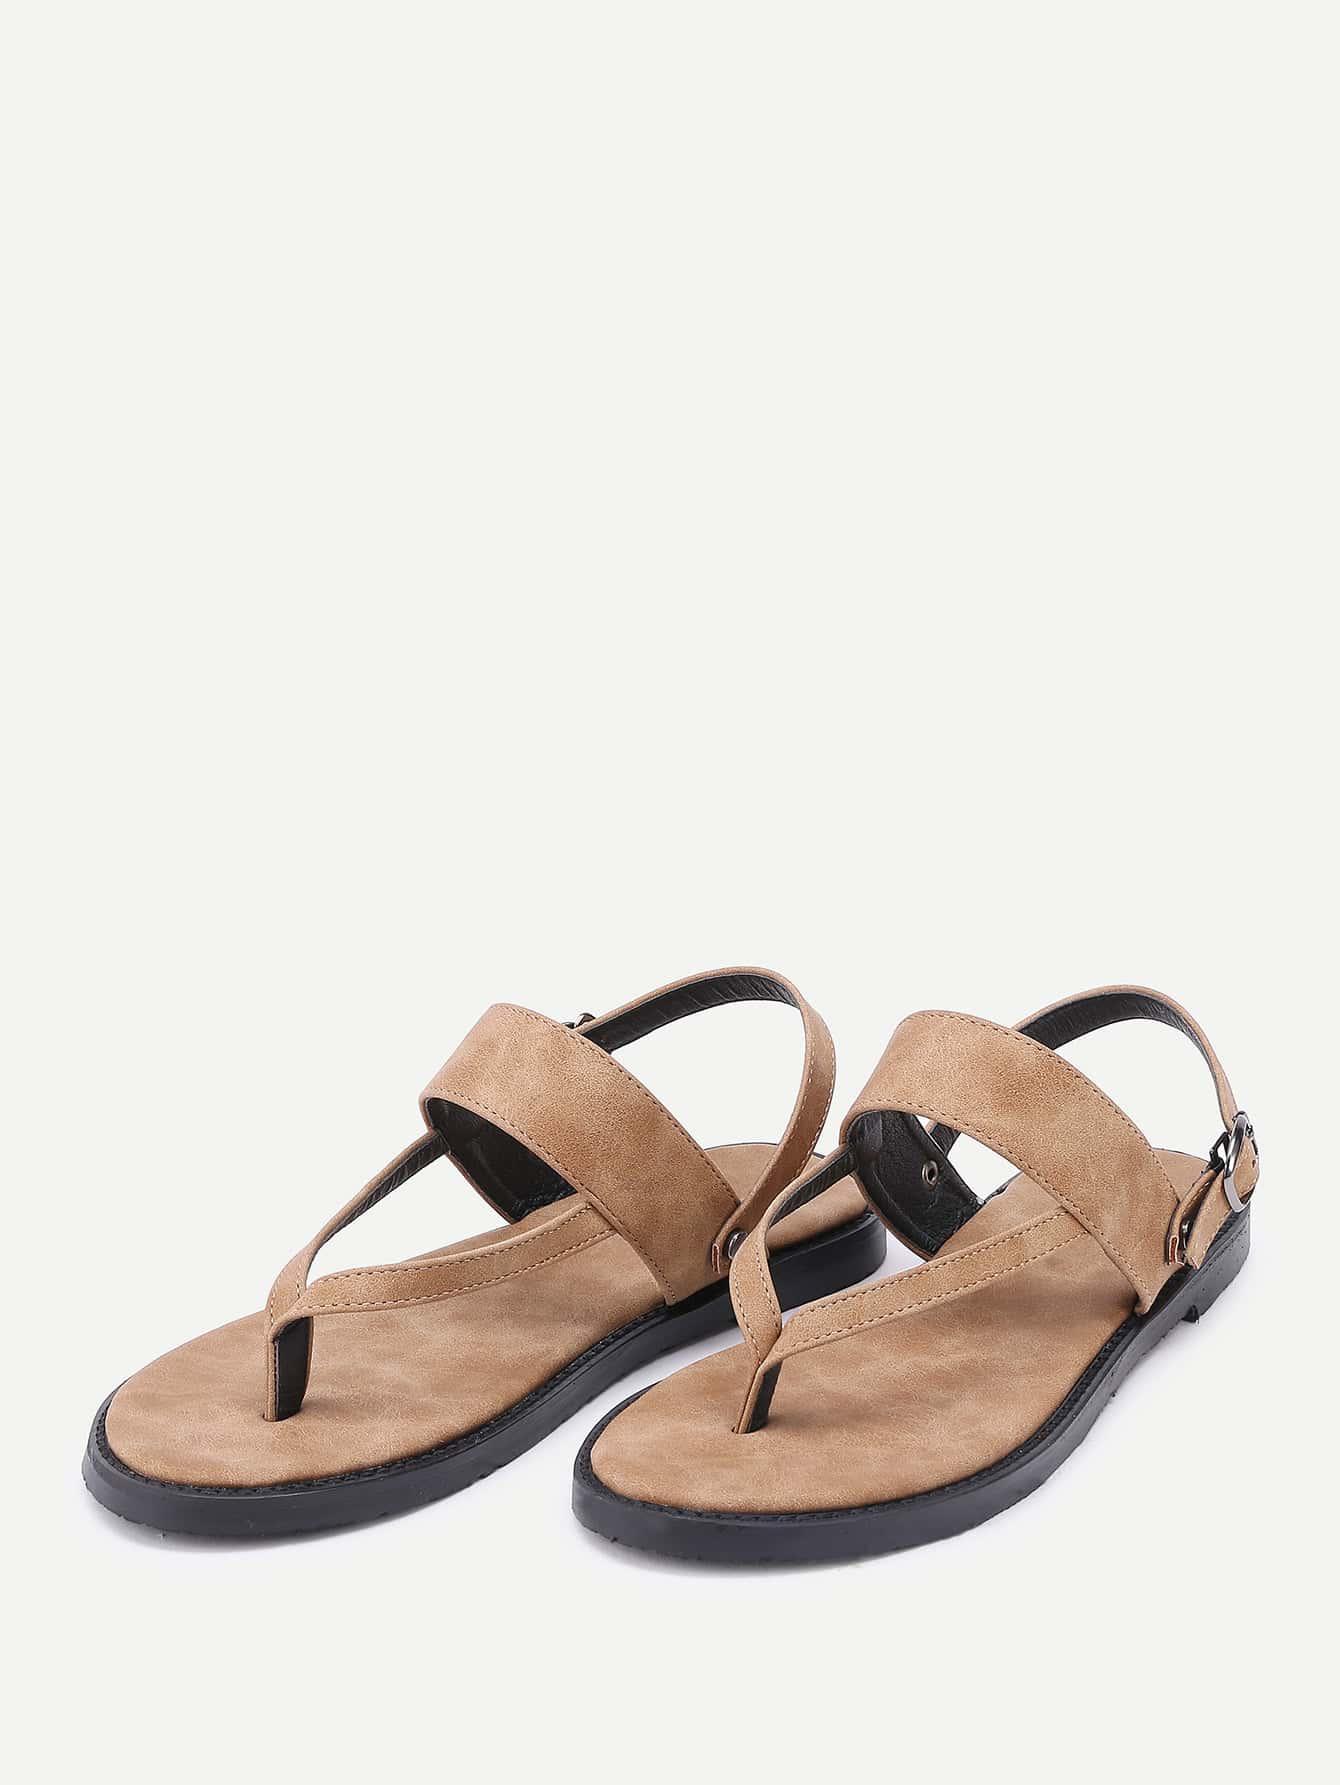 shoes170411805_2